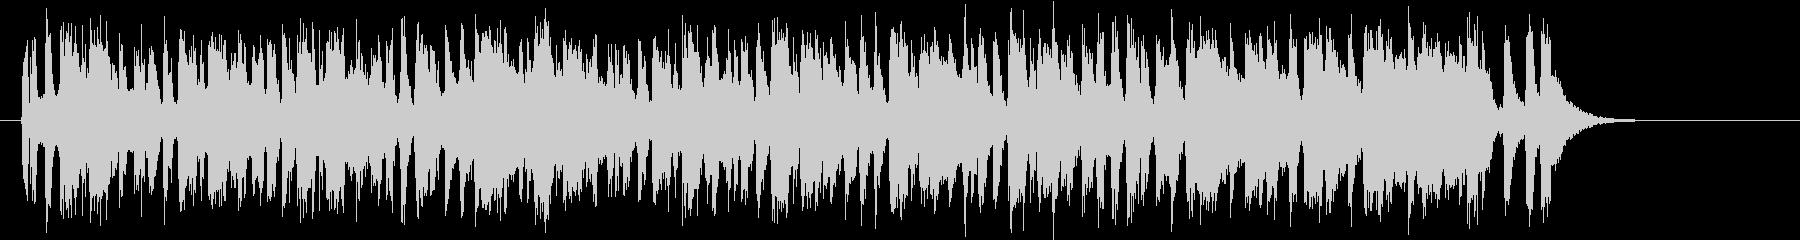 陽気なポップスバンドのジングルの未再生の波形